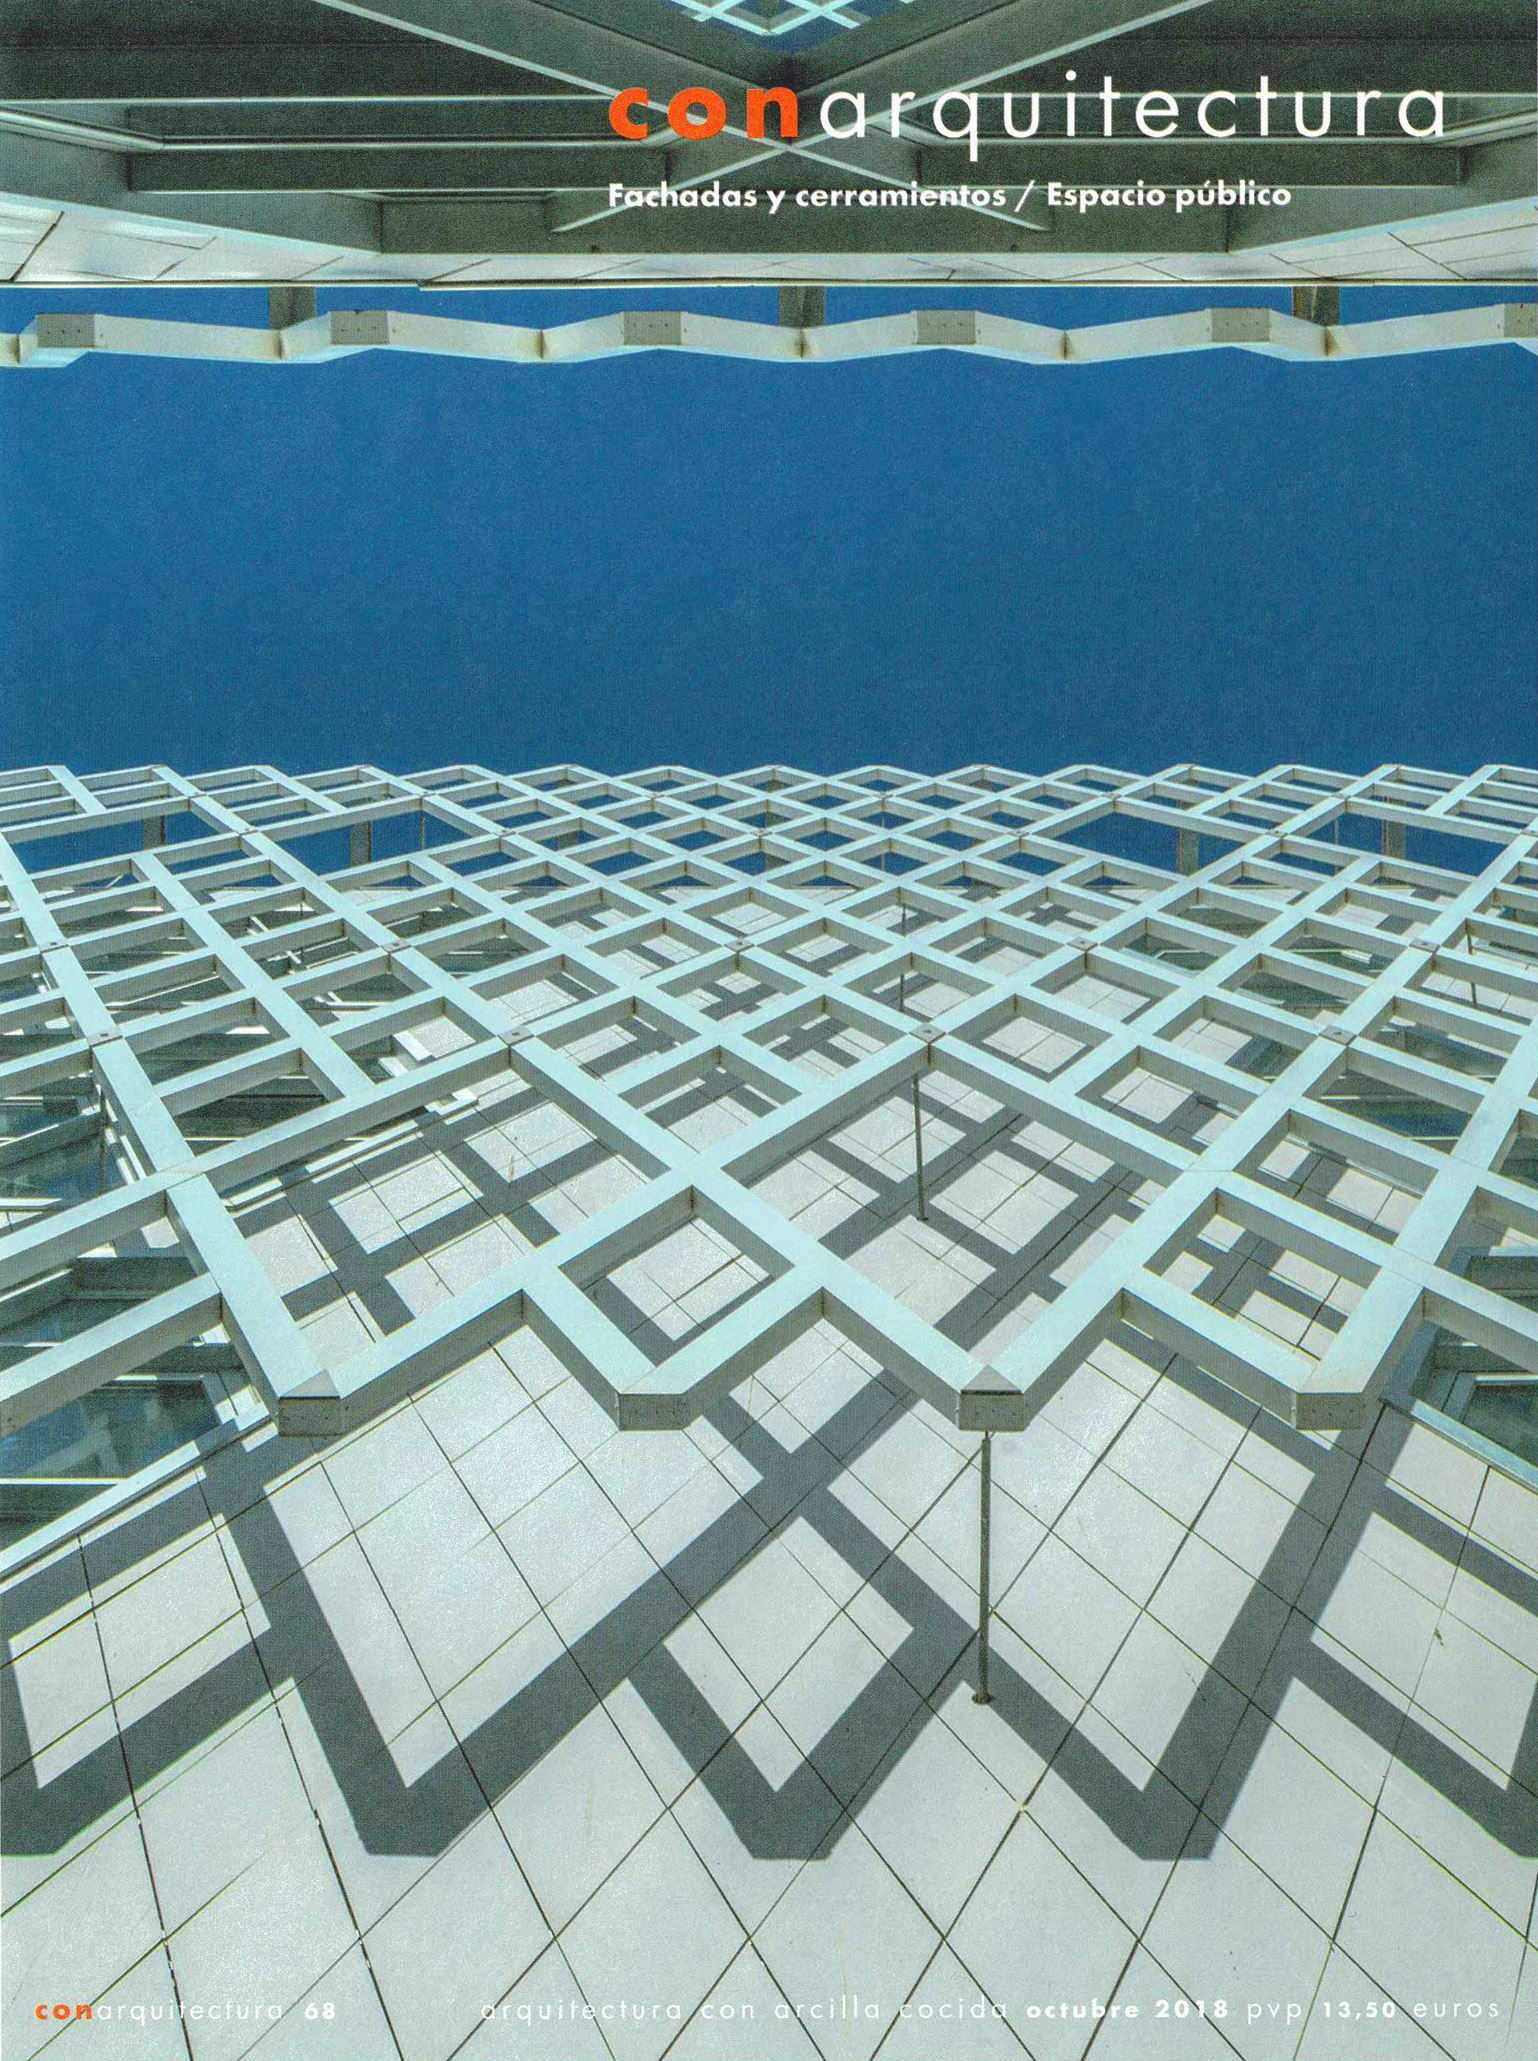 Instituto Coria Extremadura LANDÍNEZ+REY arquitectos revista conarquitectura 68